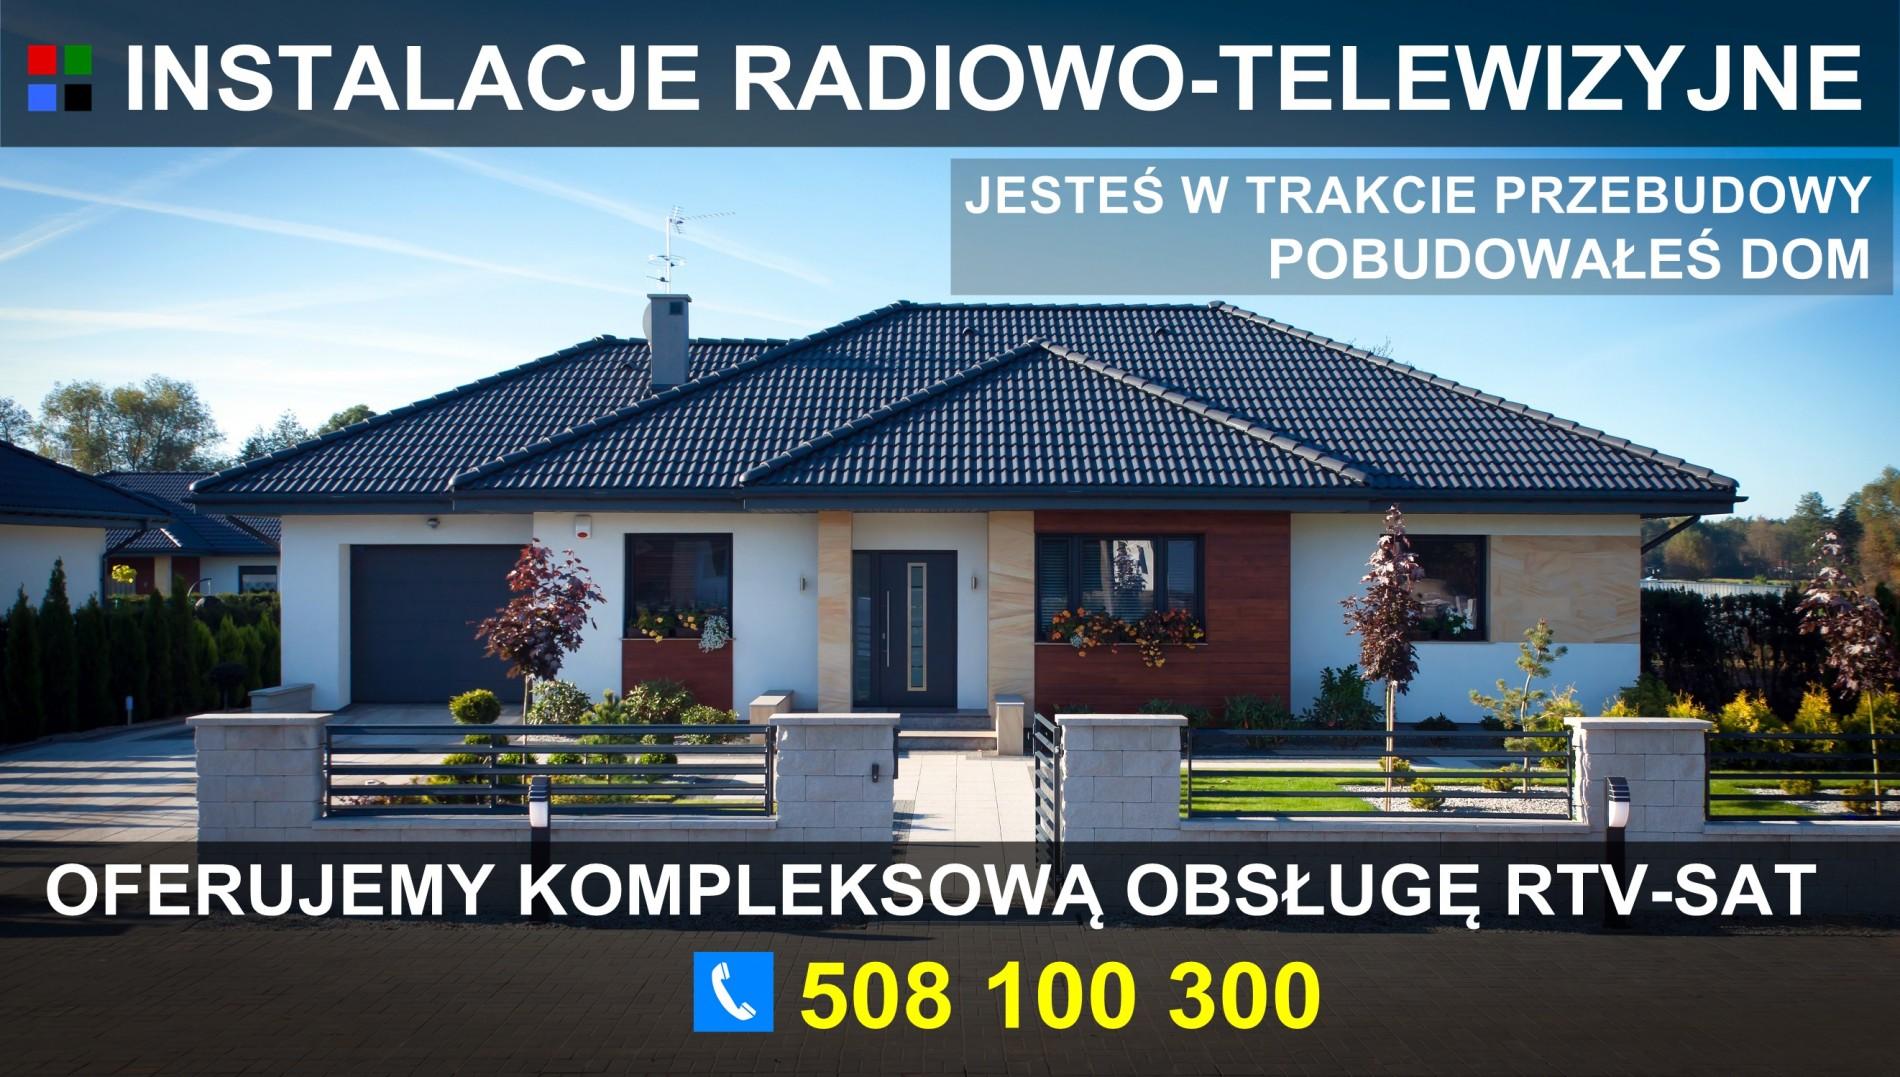 Oferujemy kompleksową obsługę RTV-SAT